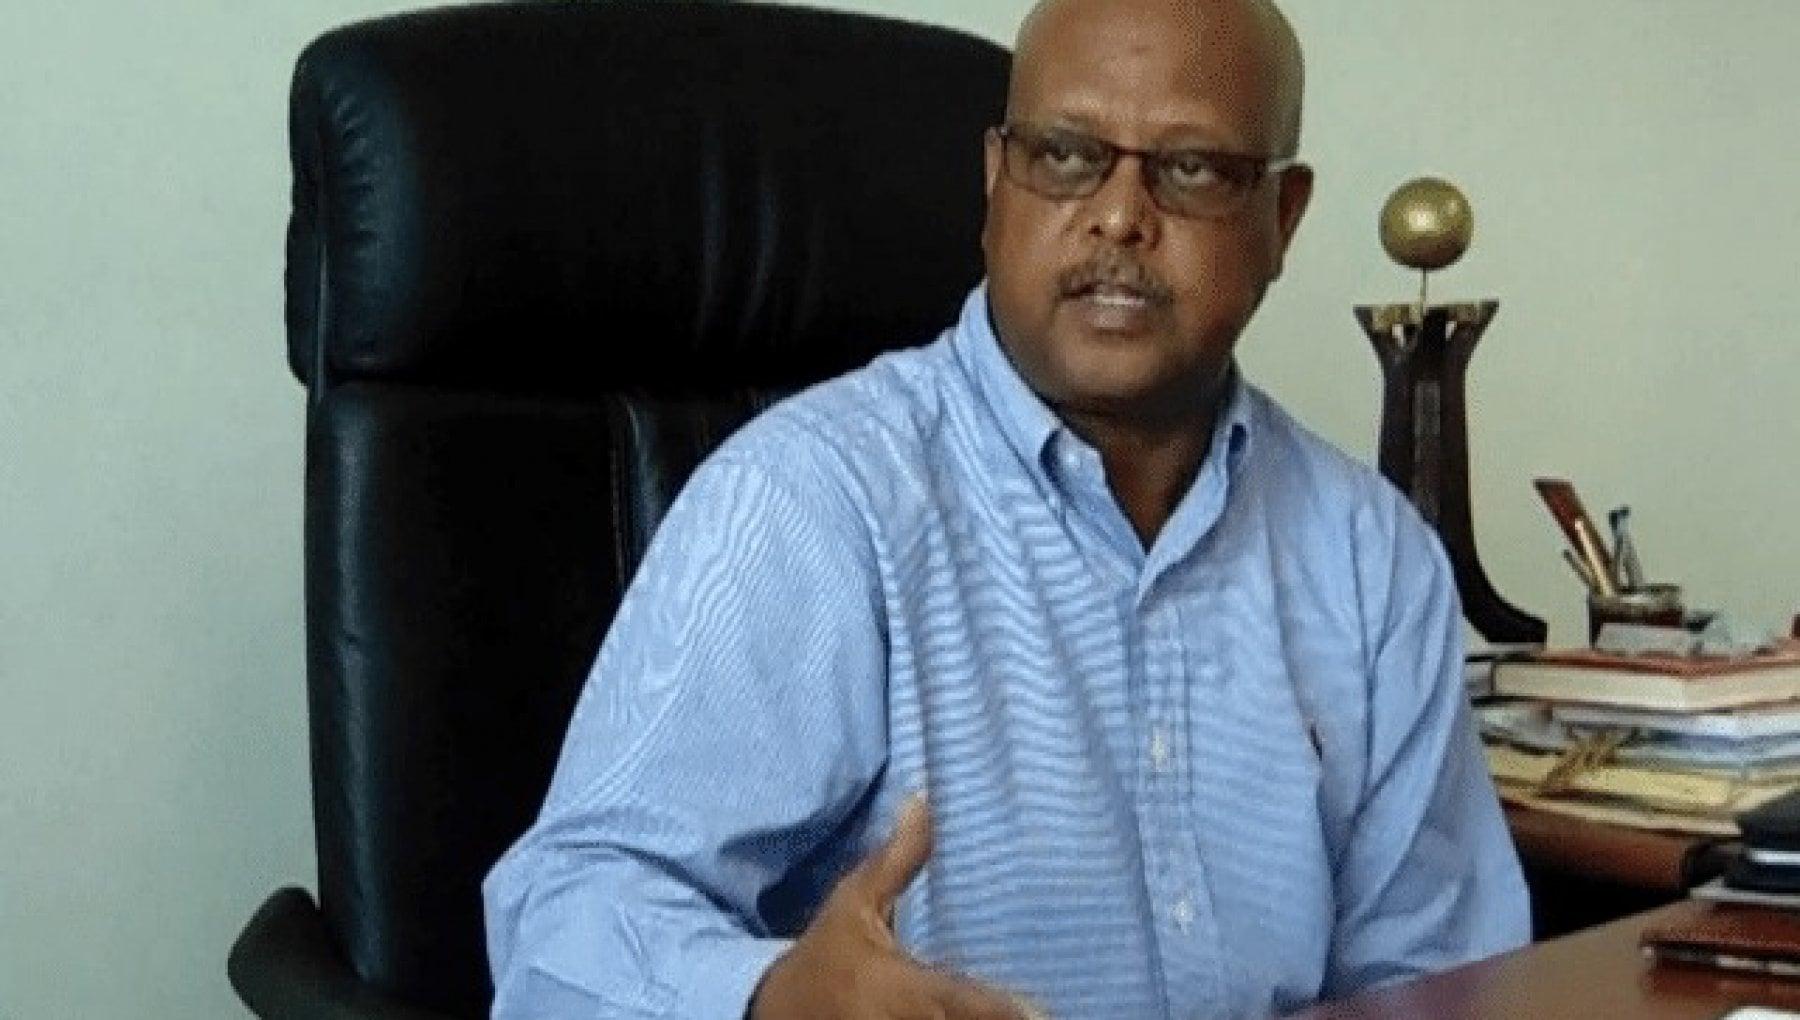 220450219 6831184c cd87 42b3 bc7e 00db002ed898 - Tigray, lo stratega ribelle che ha sconfitto due volte l'esercito di Addis Abeba